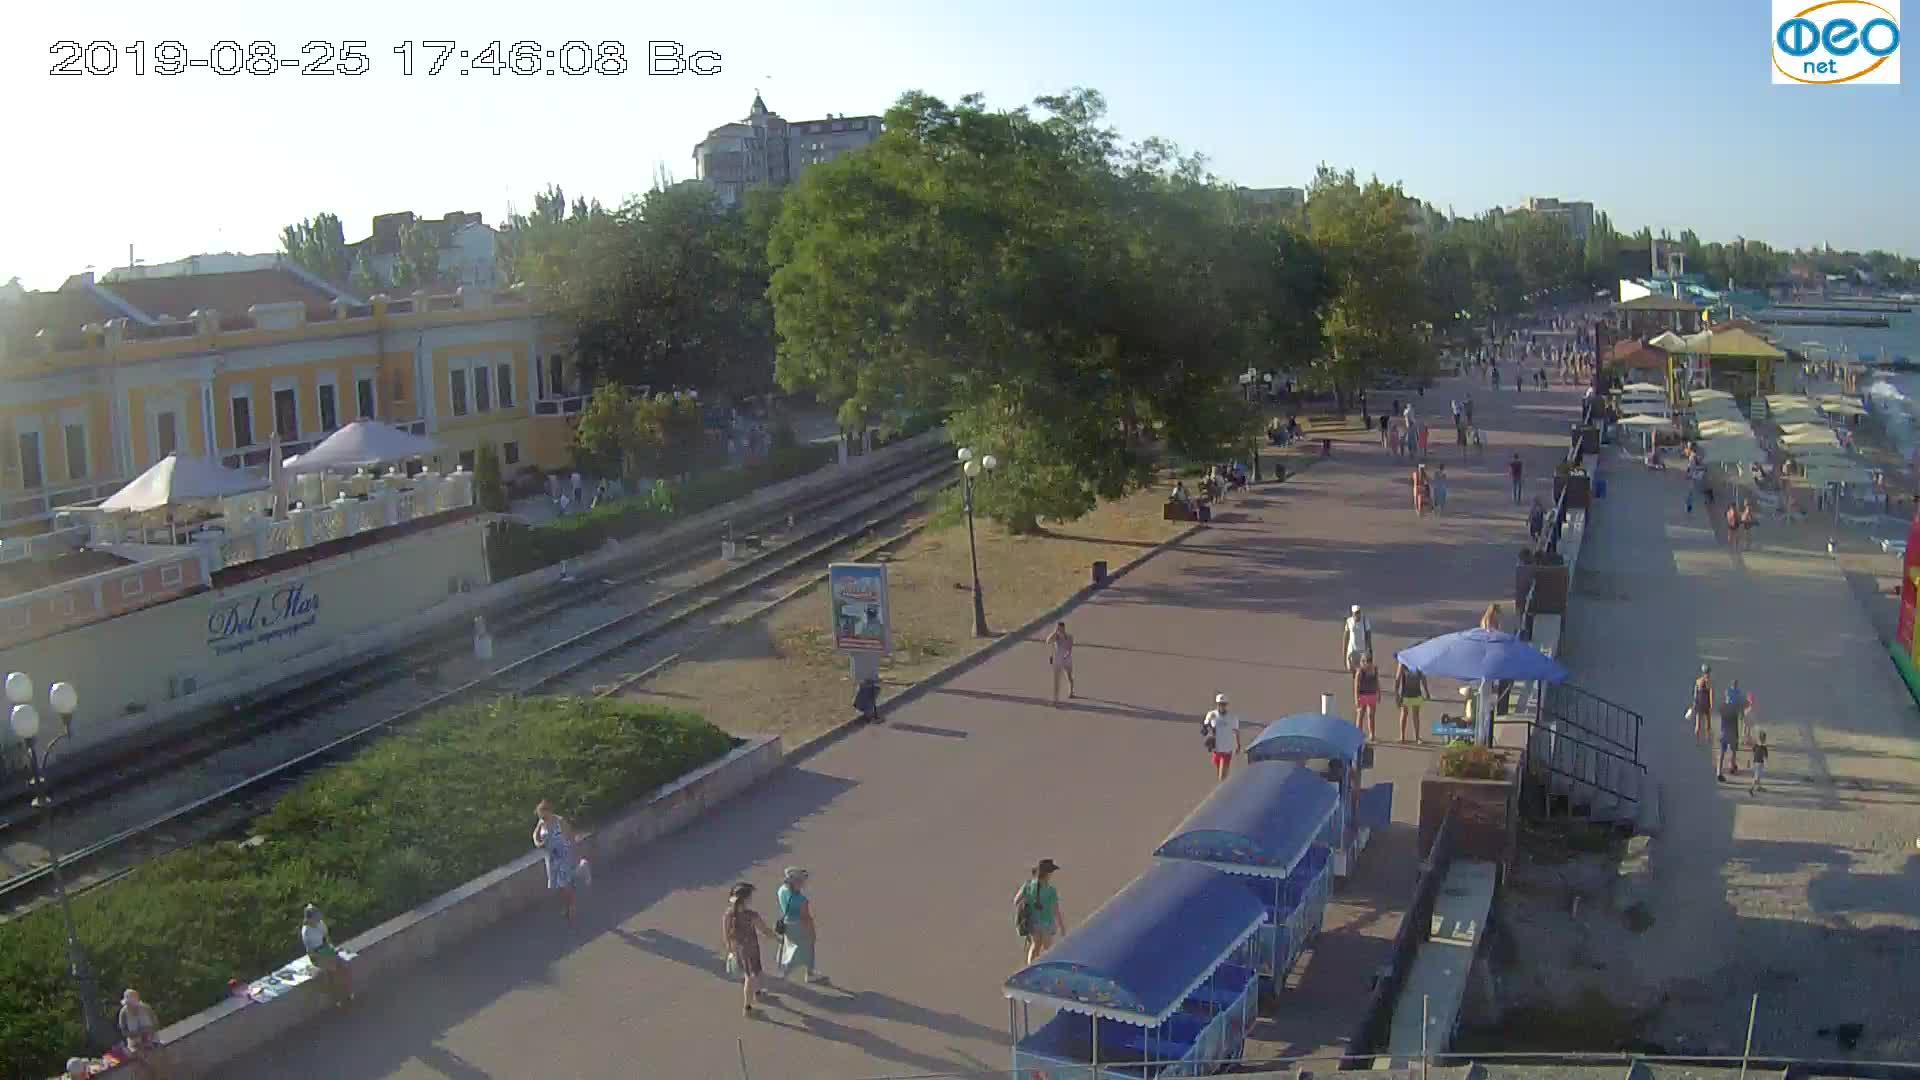 Веб-камеры Феодосии, Набережная, 2019-08-25 17:40:05